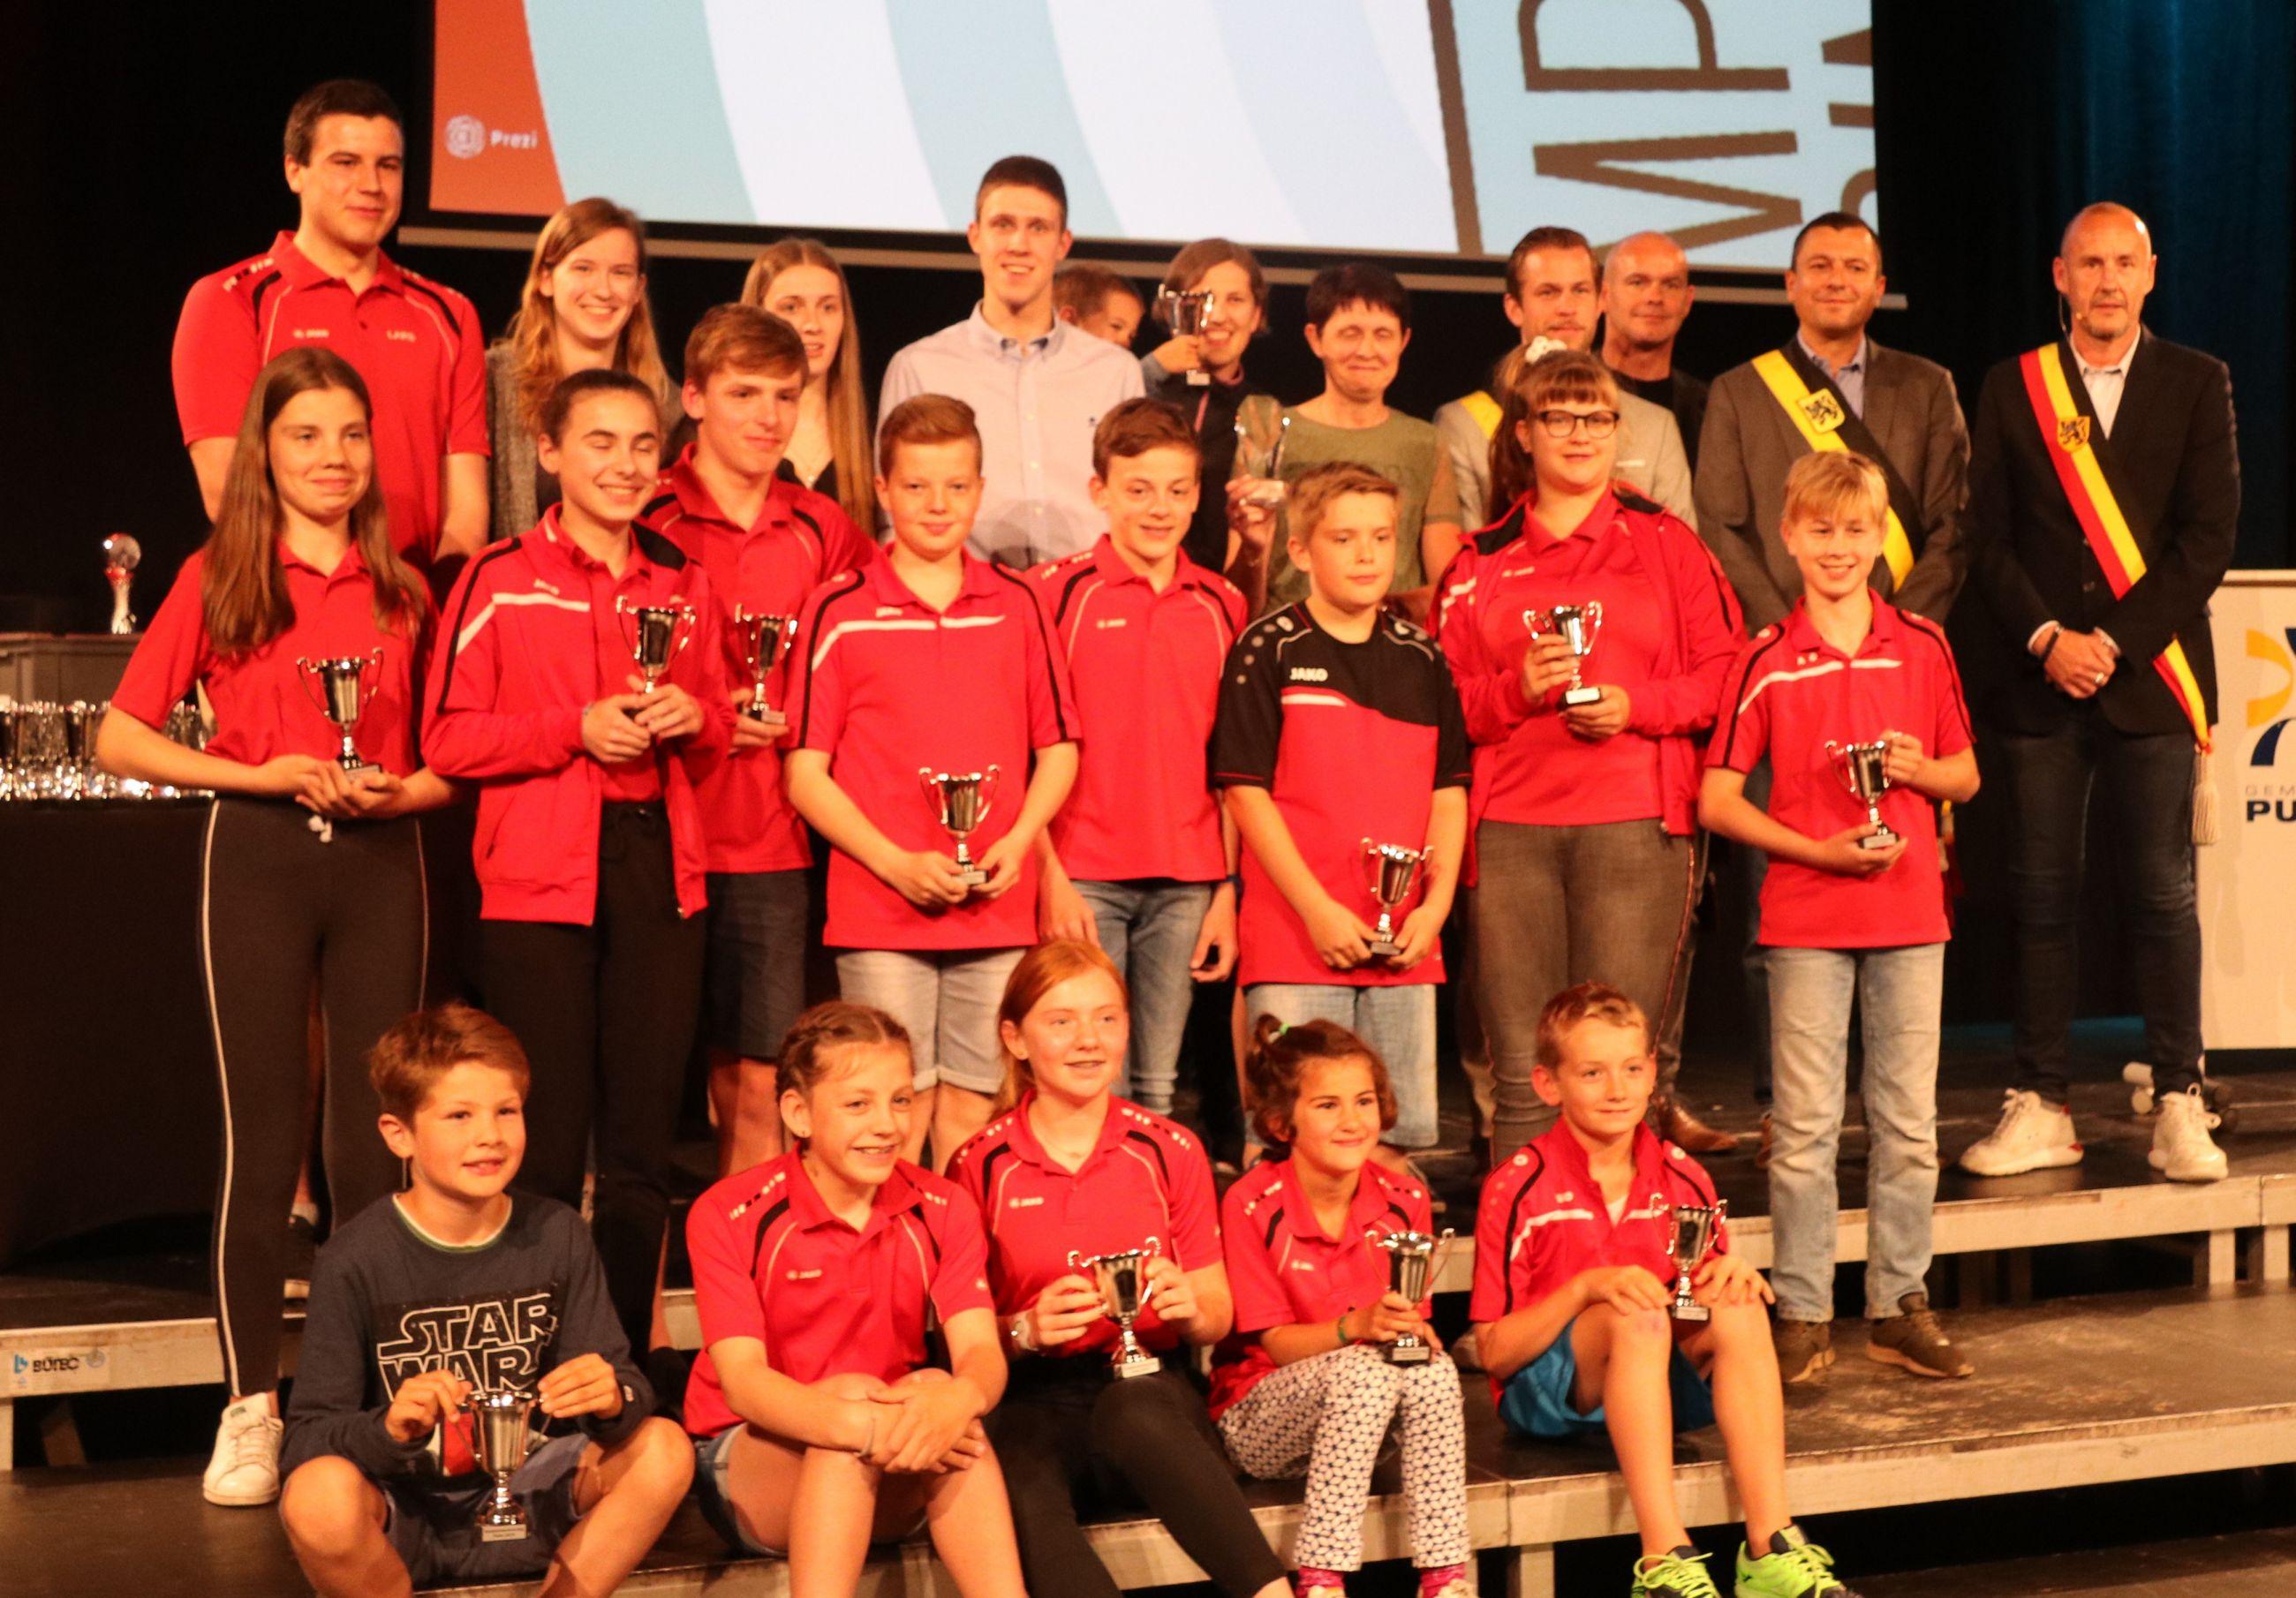 Speelt Badmintonclub Klein Boom nu met bronzen pluimpjes?